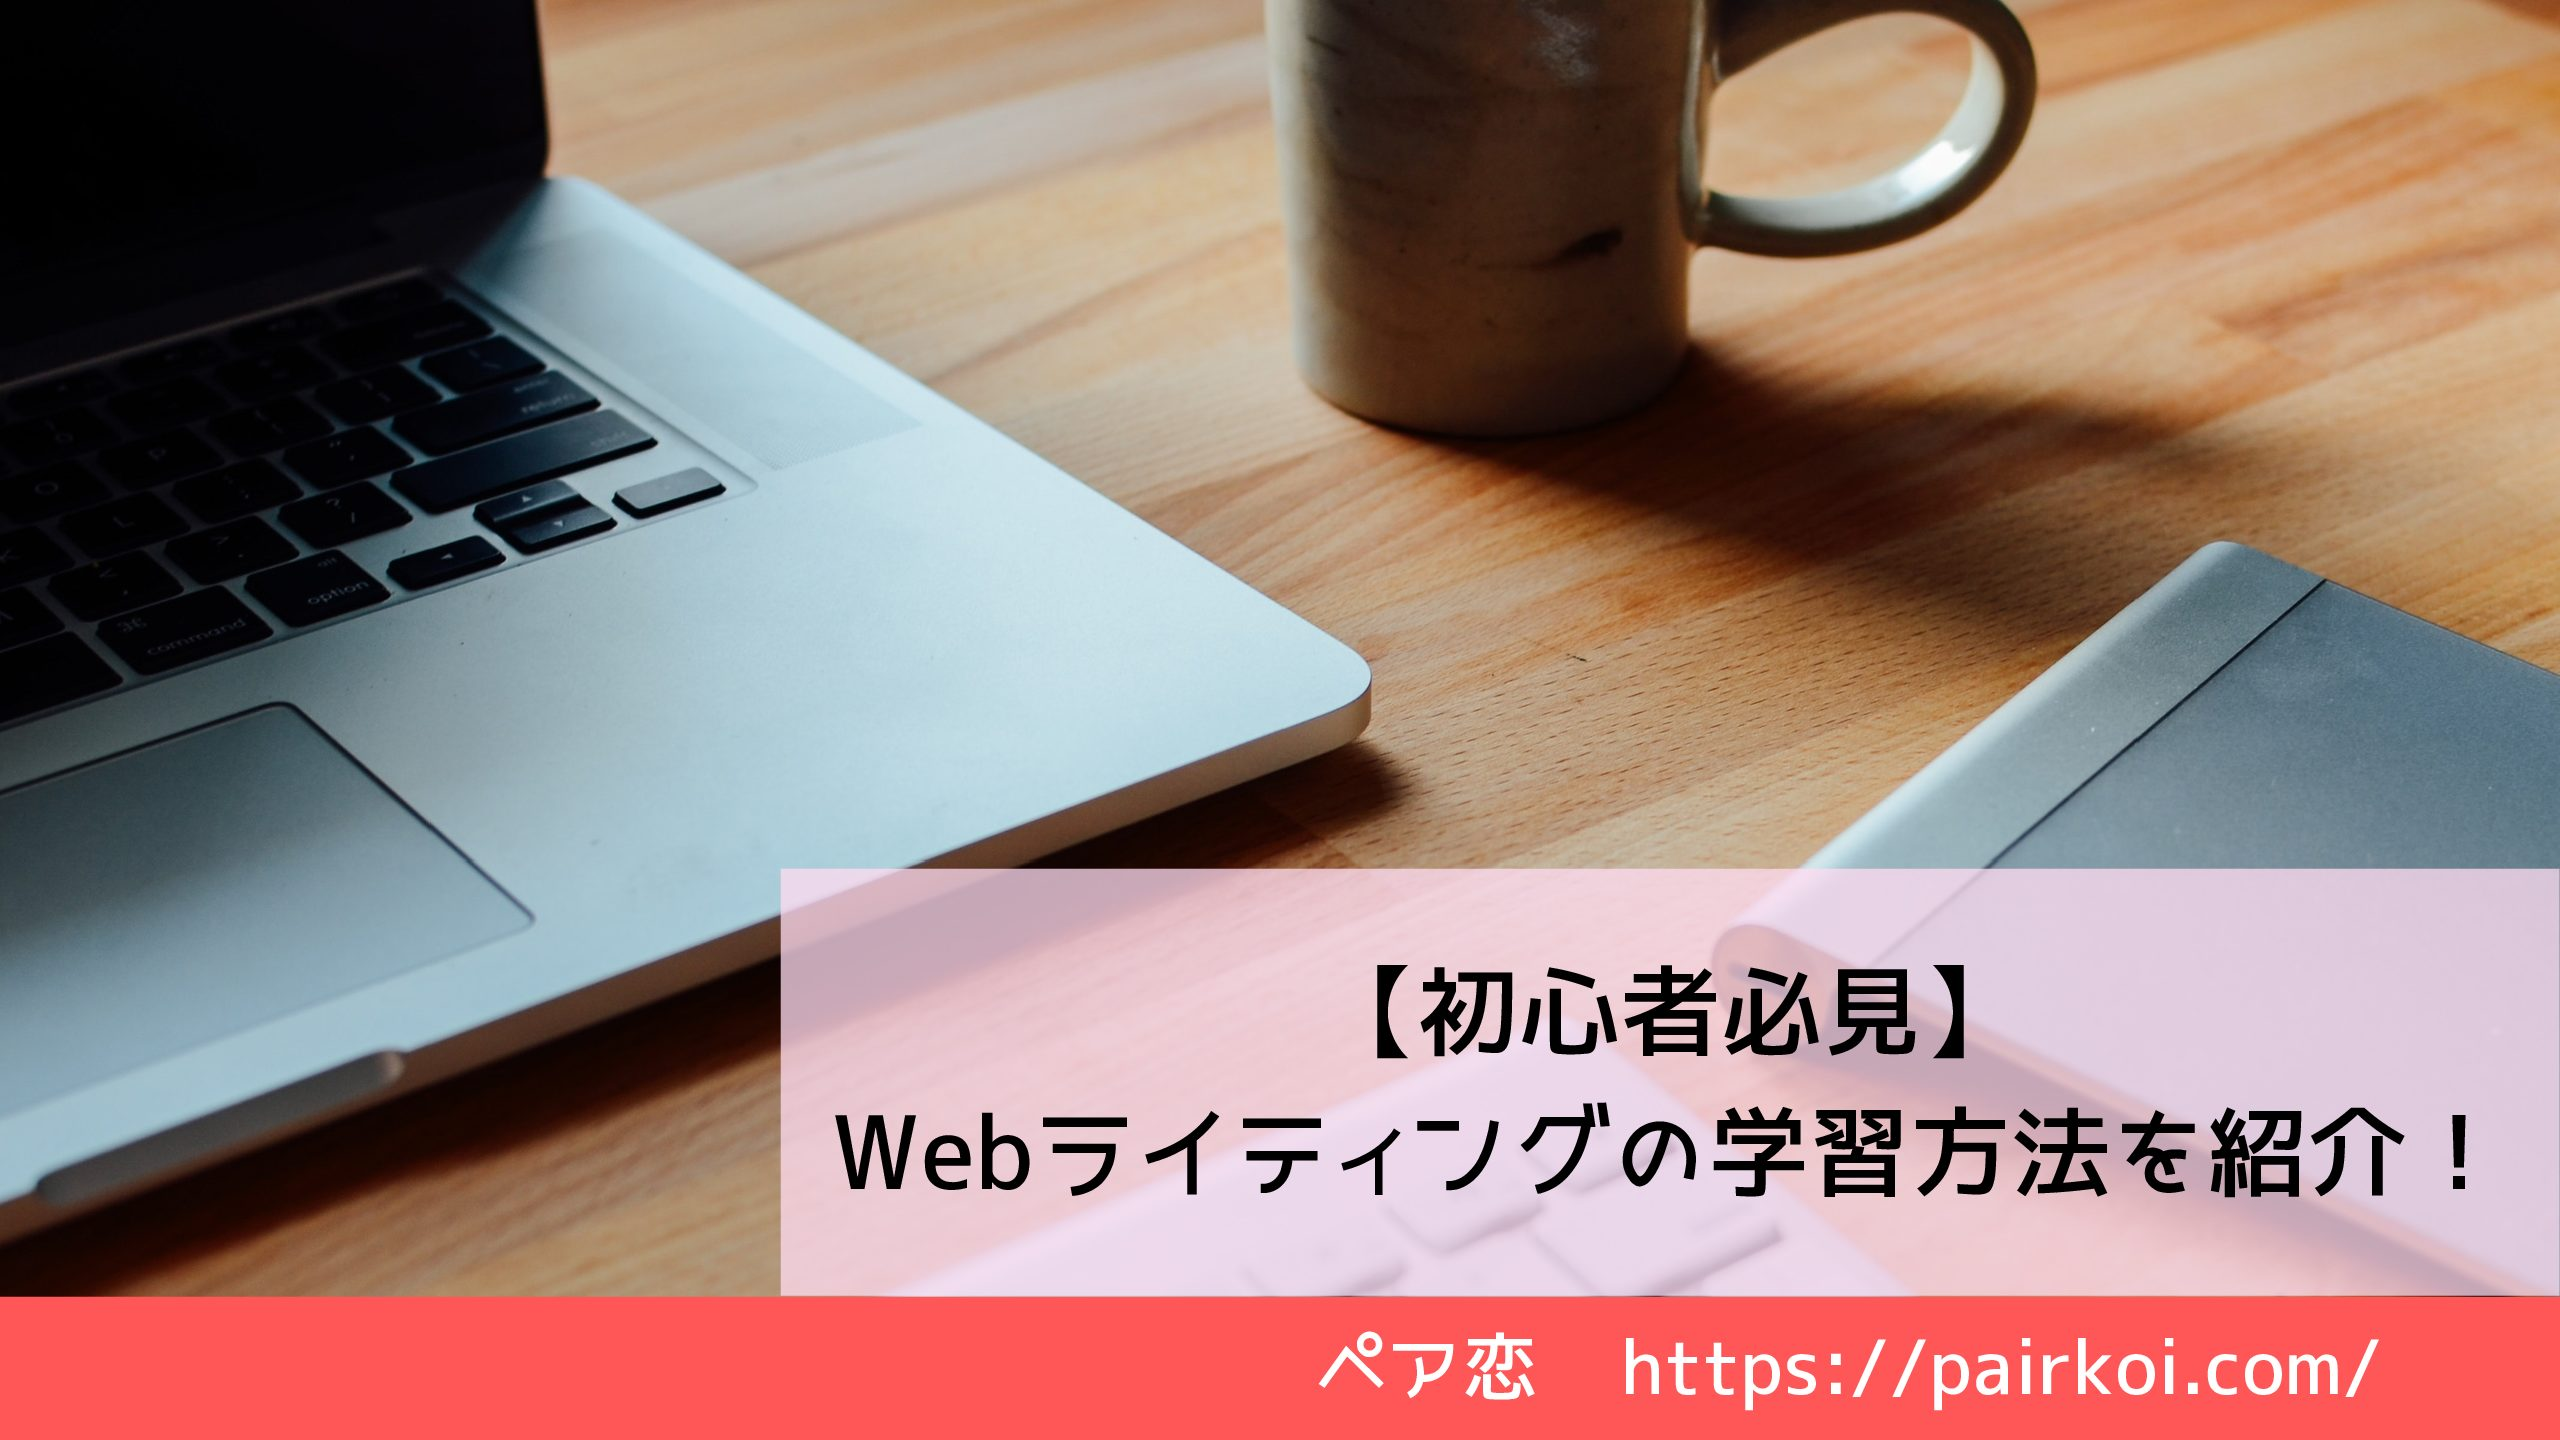 【初心者必見】Webライティングの学習方法を紹介!